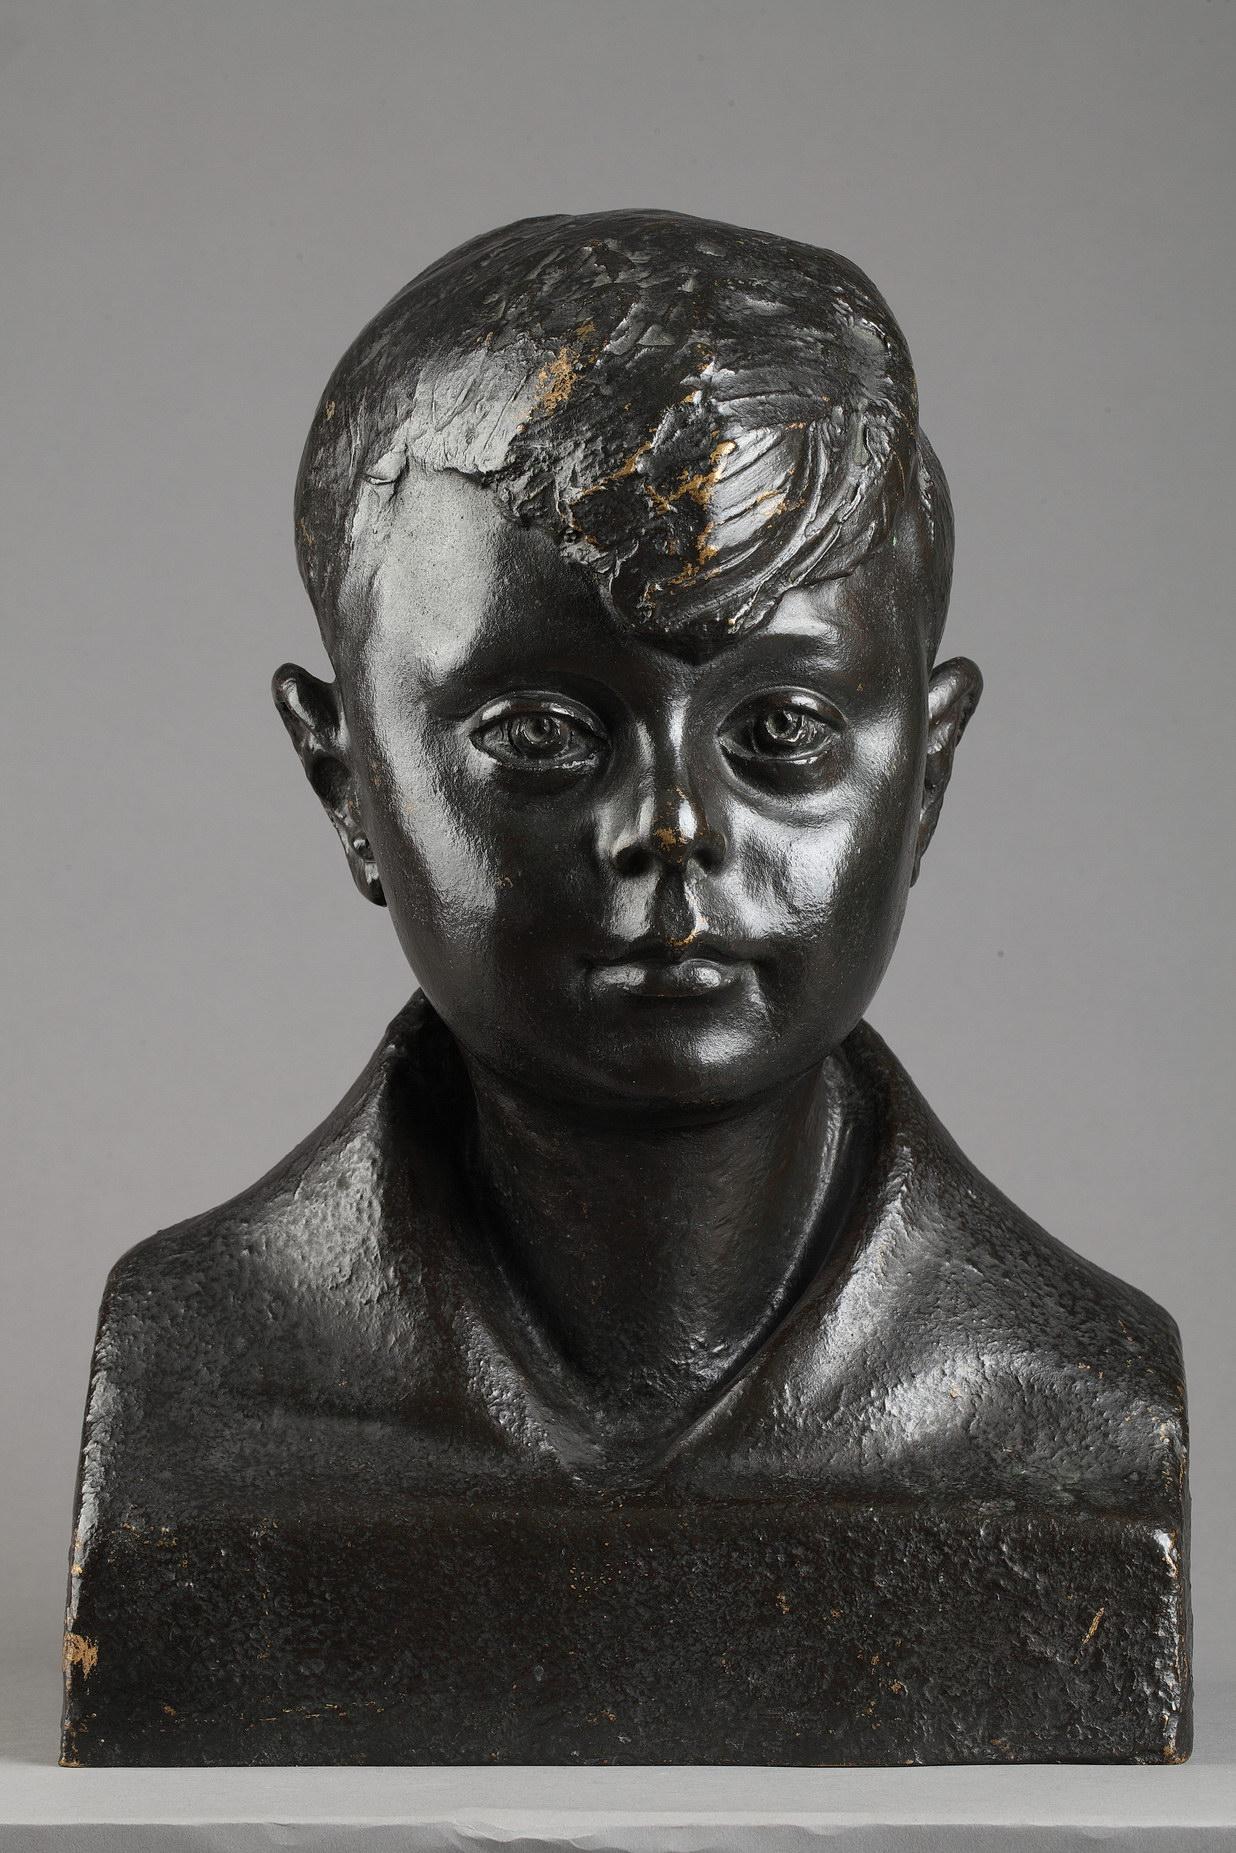 Pedro Meylan (1890-1954), Buste d'enfant, bronze à patine brun nuancé, fonte Hébrard, haut. 37 cm, sculptures - galerie Tourbillon, Paris